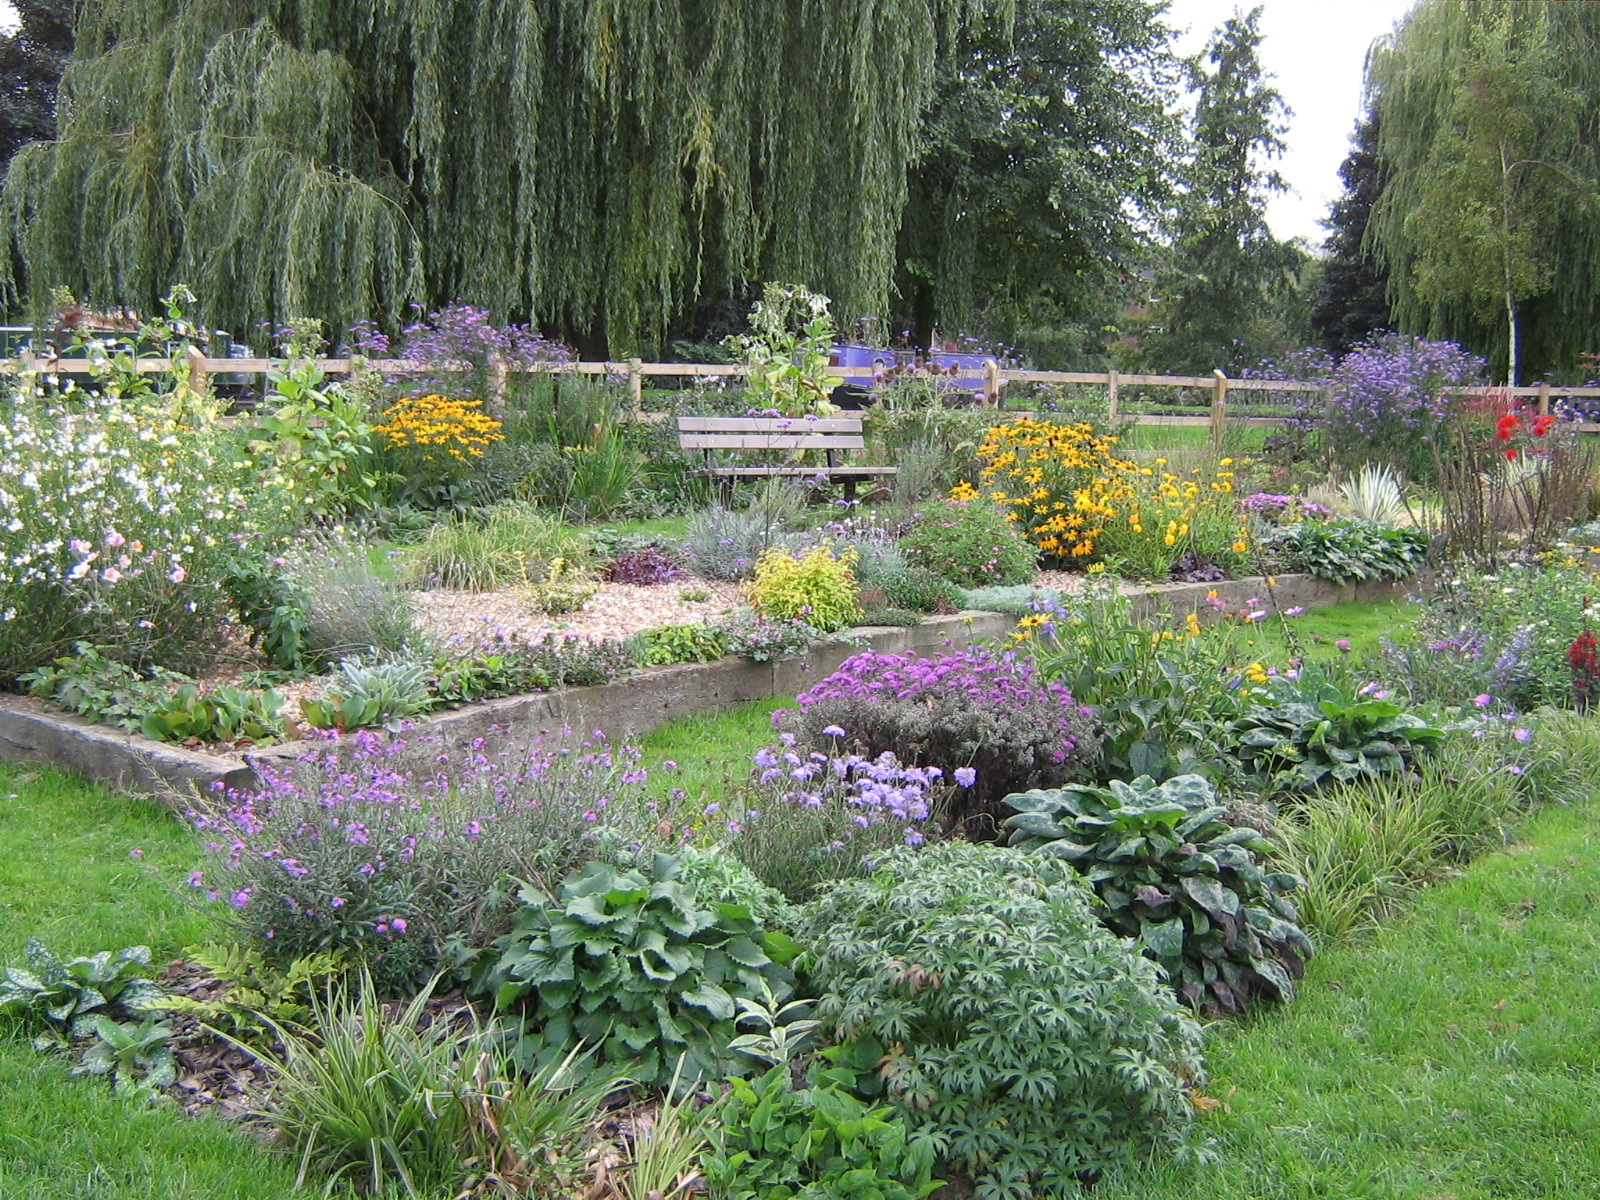 Face lights up jardin soutenable cologique conomique for Jardin facile a entretenir